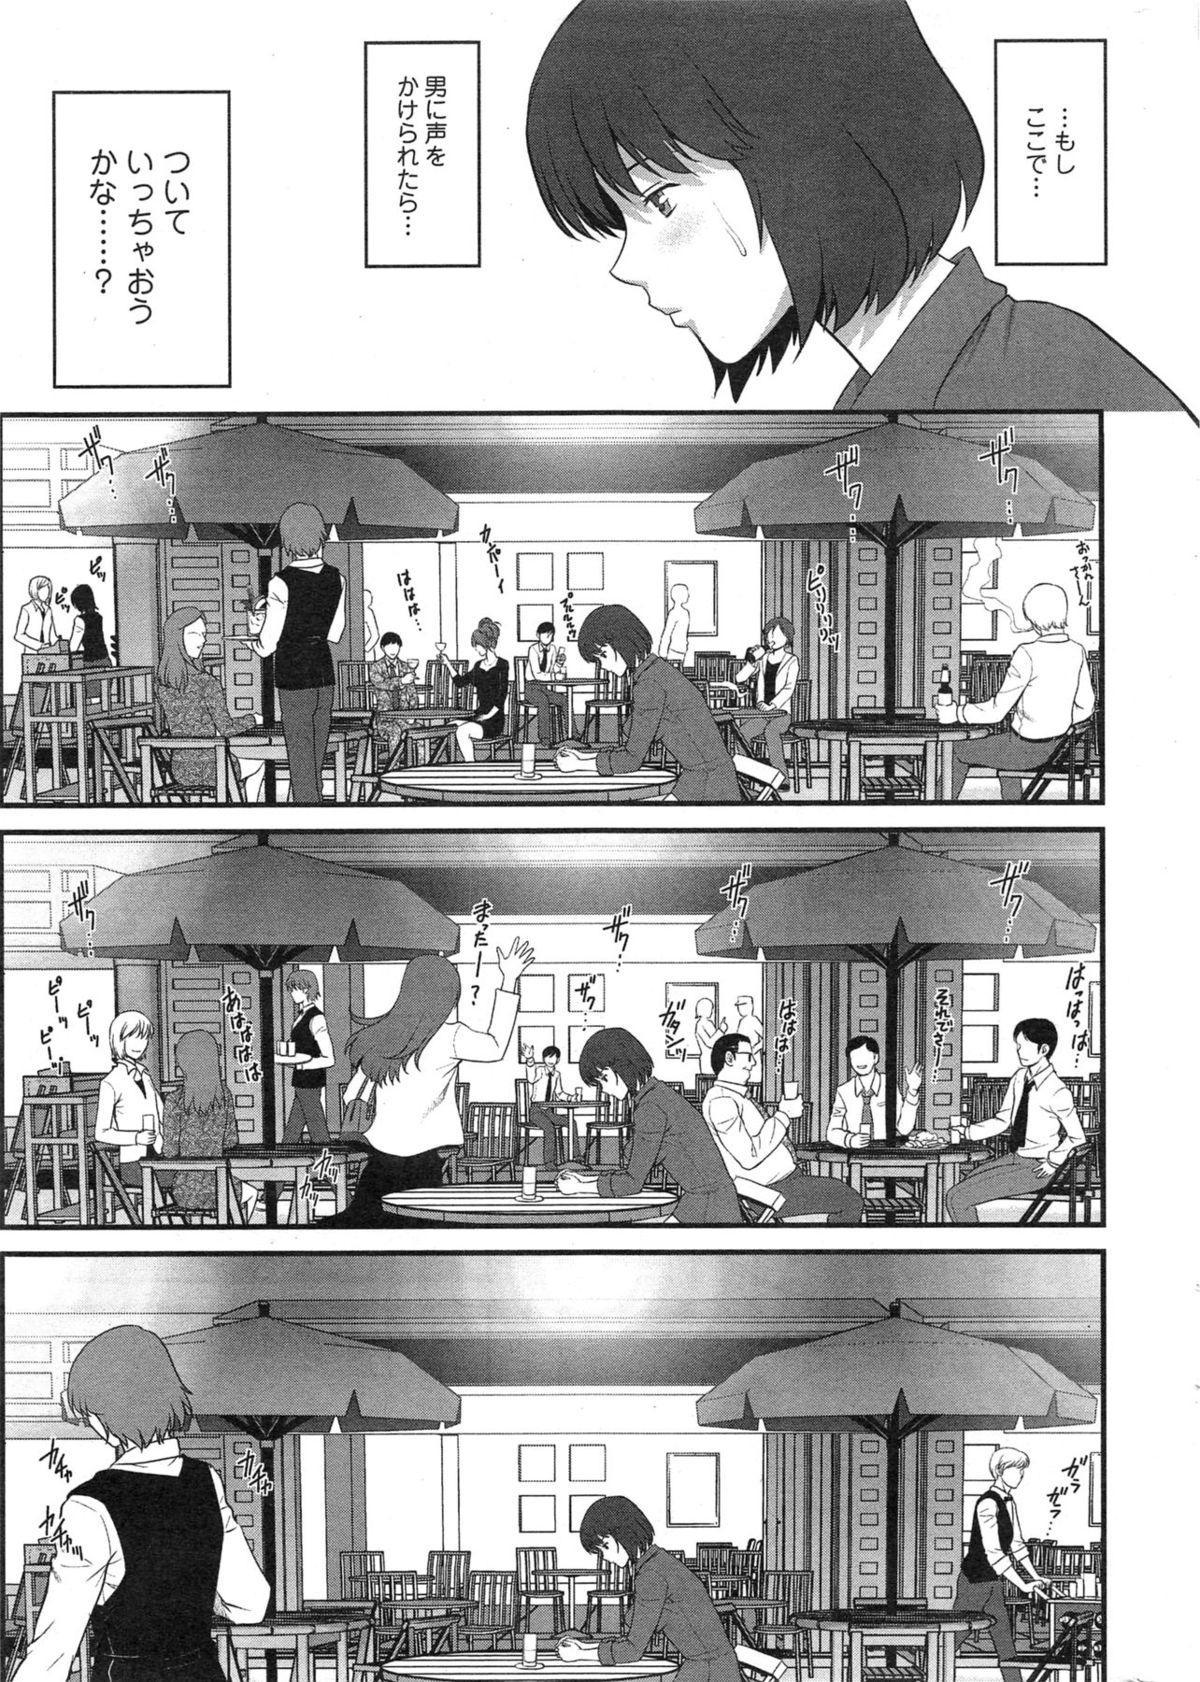 [Saigado] Hitozuma Jokyoushi Main-san Ch.01-10 10